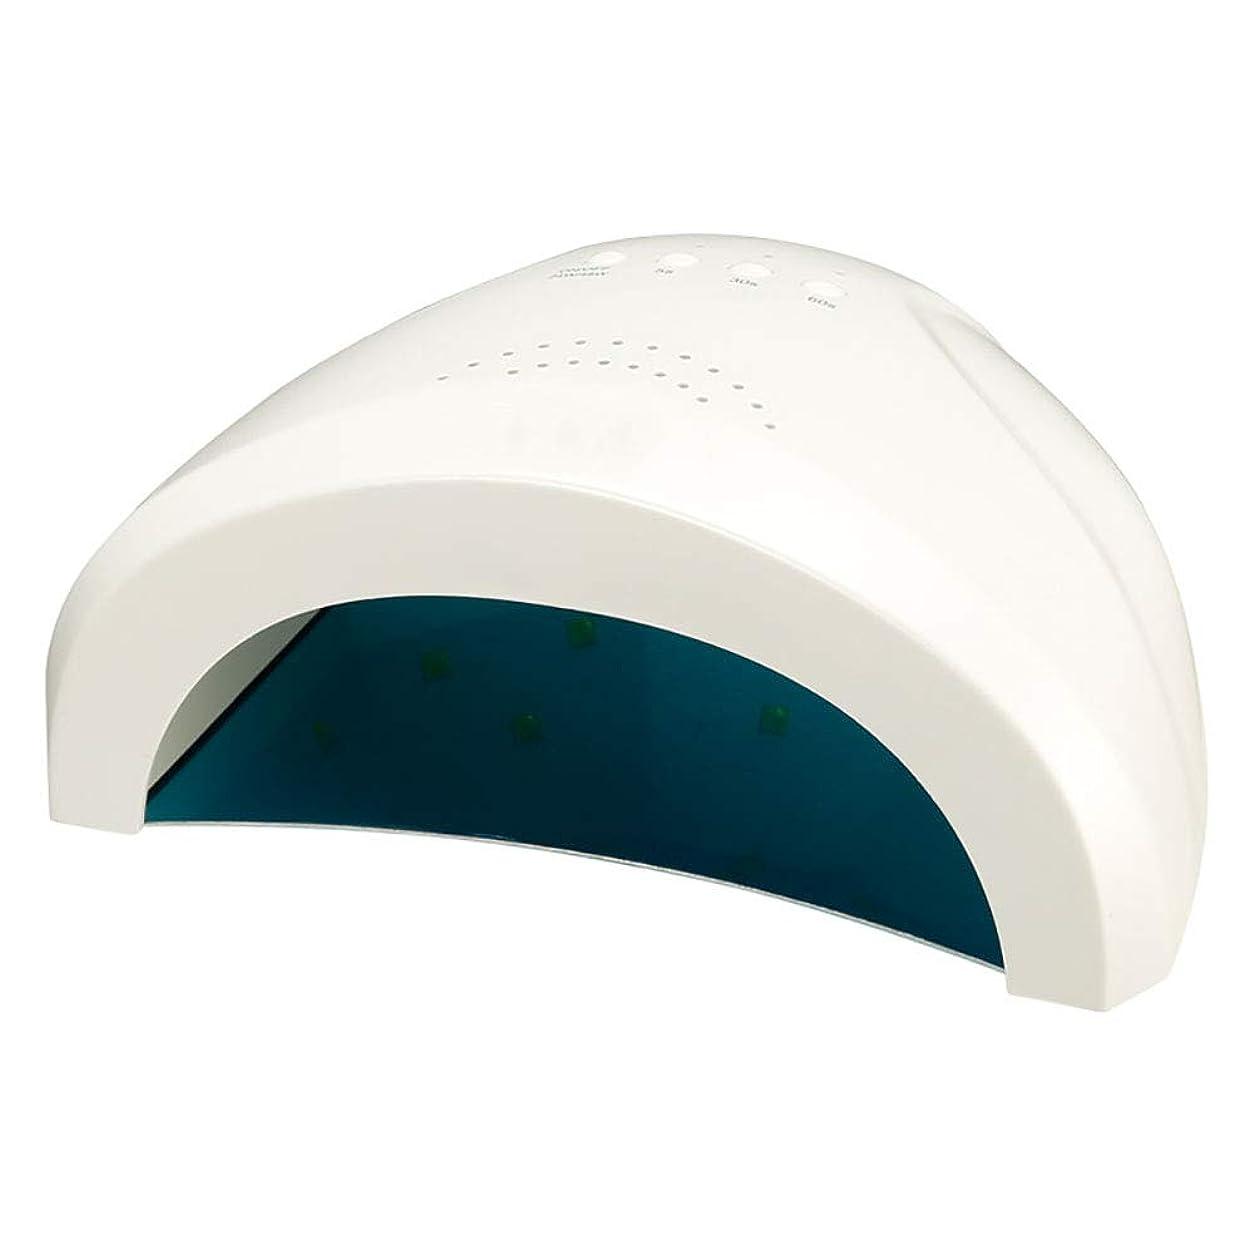 事業内容分子食用釘のドライヤー - 自動赤外線センサー、二重光源のLEDランプのゲルのドライヤーのマニキュアが付いている紫外線携帯用LEDの釘ランプ